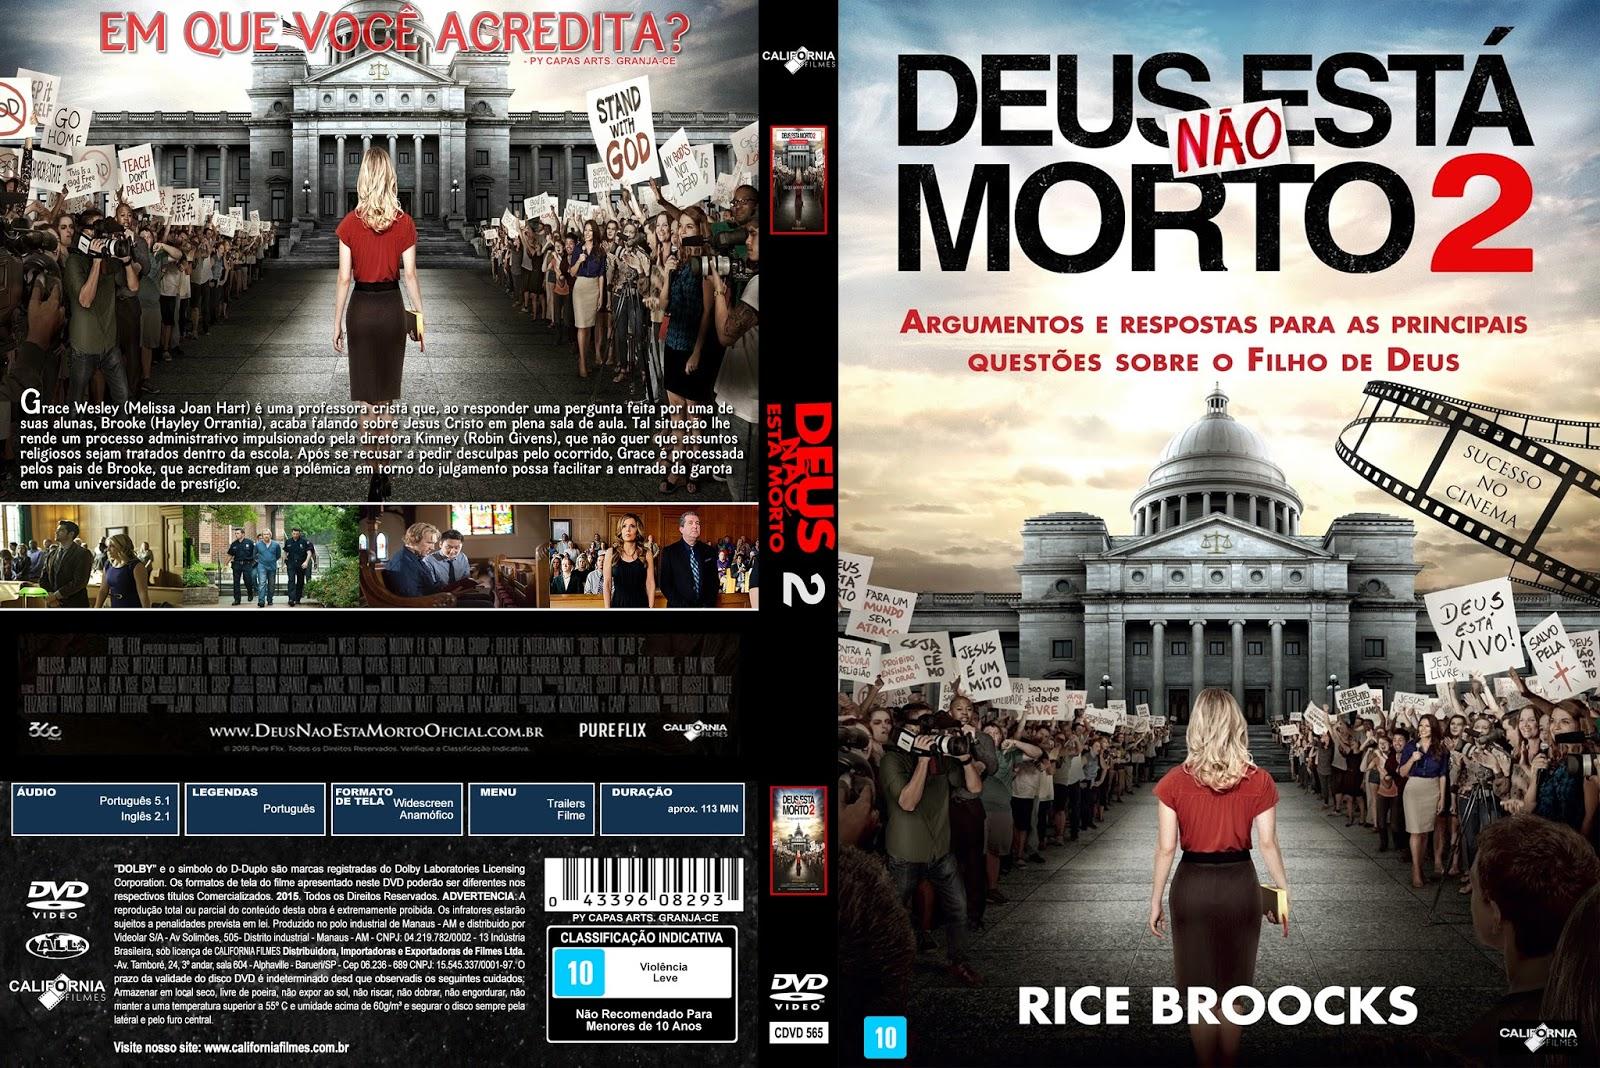 Download Deus Não Está Morto 2 DVD-R Download Deus Não Está Morto 2 DVD-R Deus 2BN 25C3 25A3o 2BEst 25C3 25A1 2BMorto 2B2